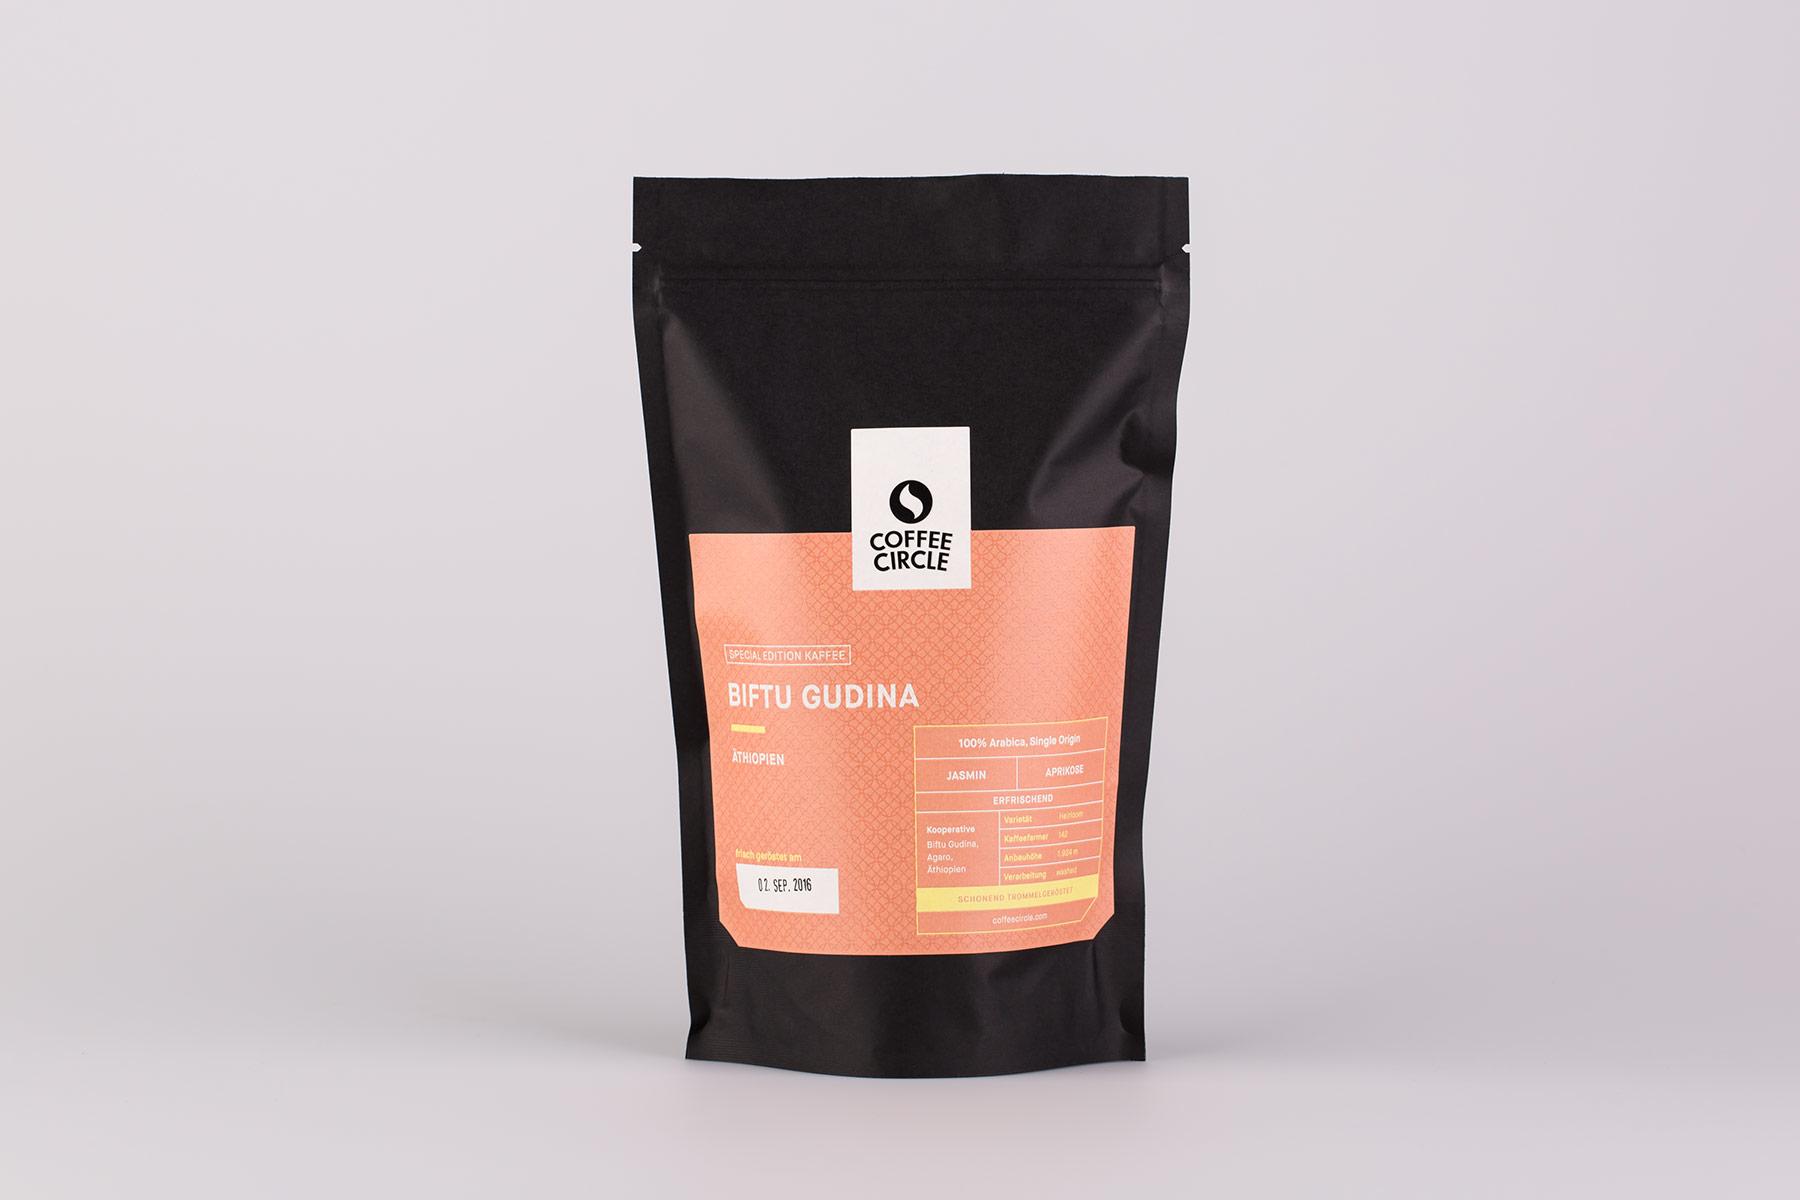 max-duchardt-m-a-a-x-coffeecircle-packaging-design-biftu-gudina